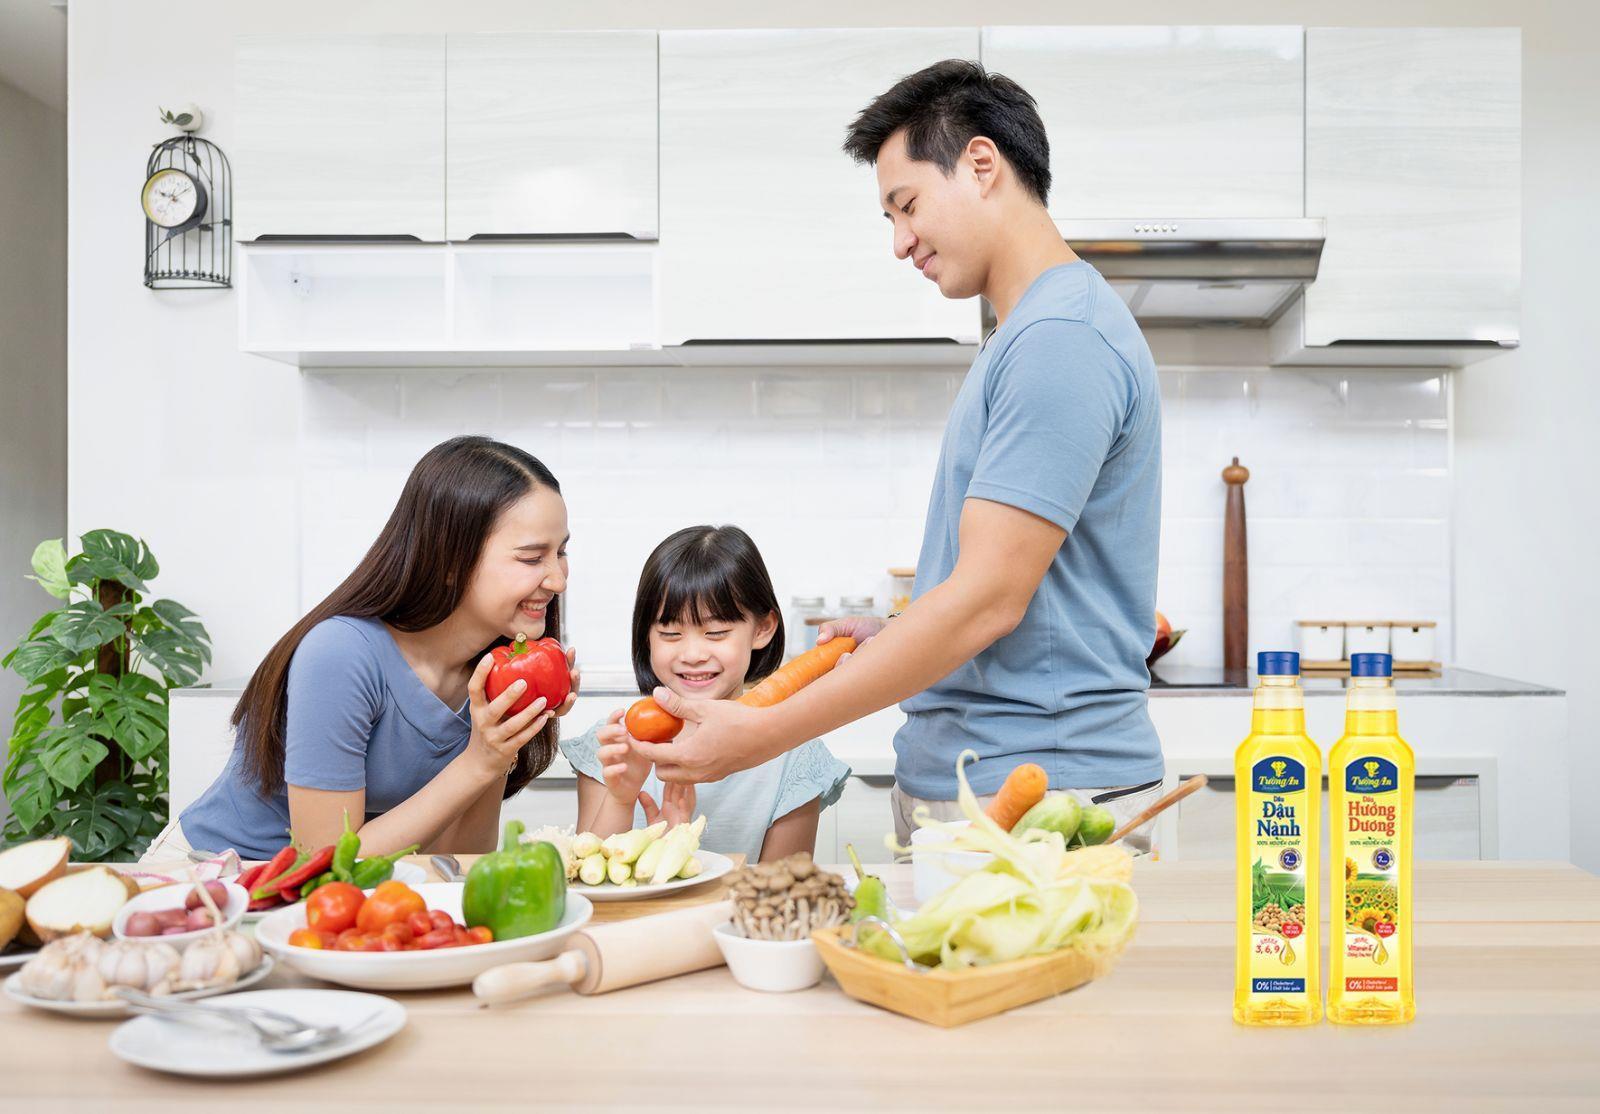 Bí kíp chọn dầu ăn của các mẹ hội yêu nhà - Nghiện bếp thời hiện đại - Ảnh 2.